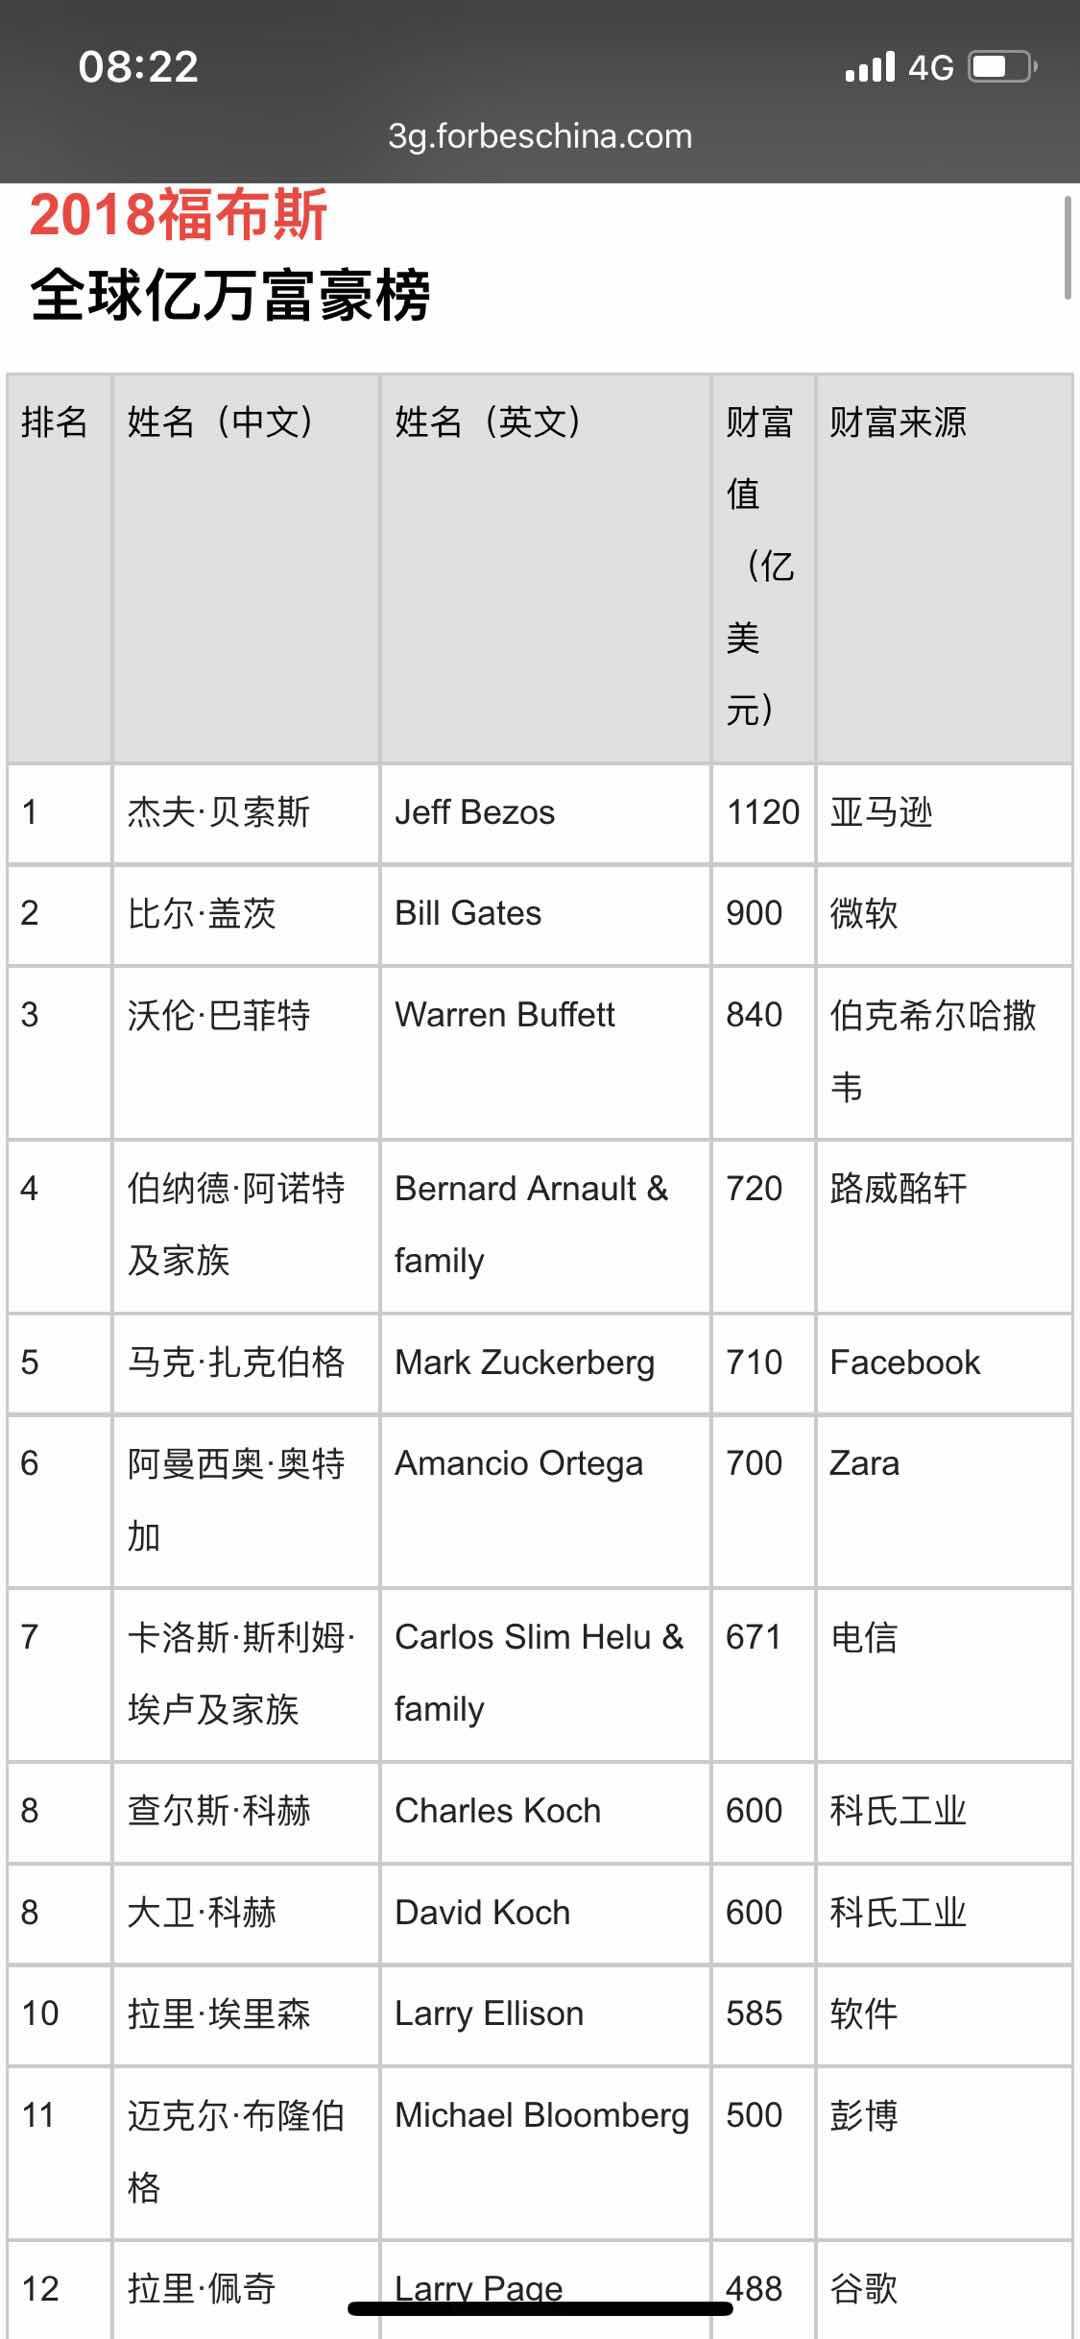 全球资讯_福布斯2018年度全球亿万富豪榜:中国新上榜富豪最多_凤凰资讯